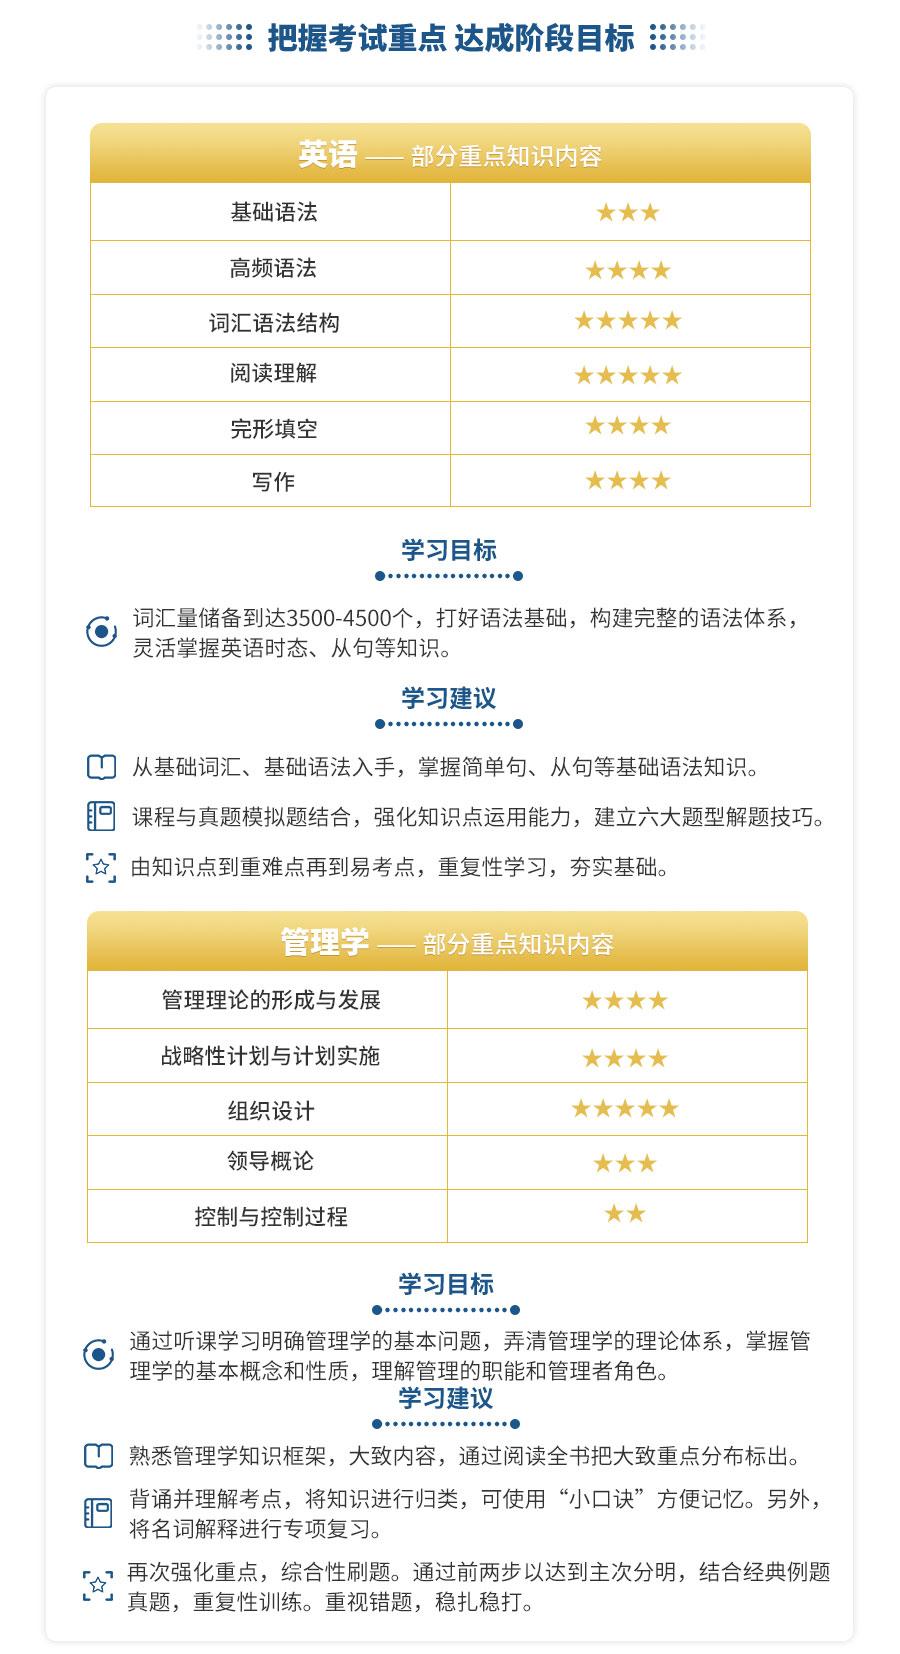 河南管理学全科基础班_03.jpg